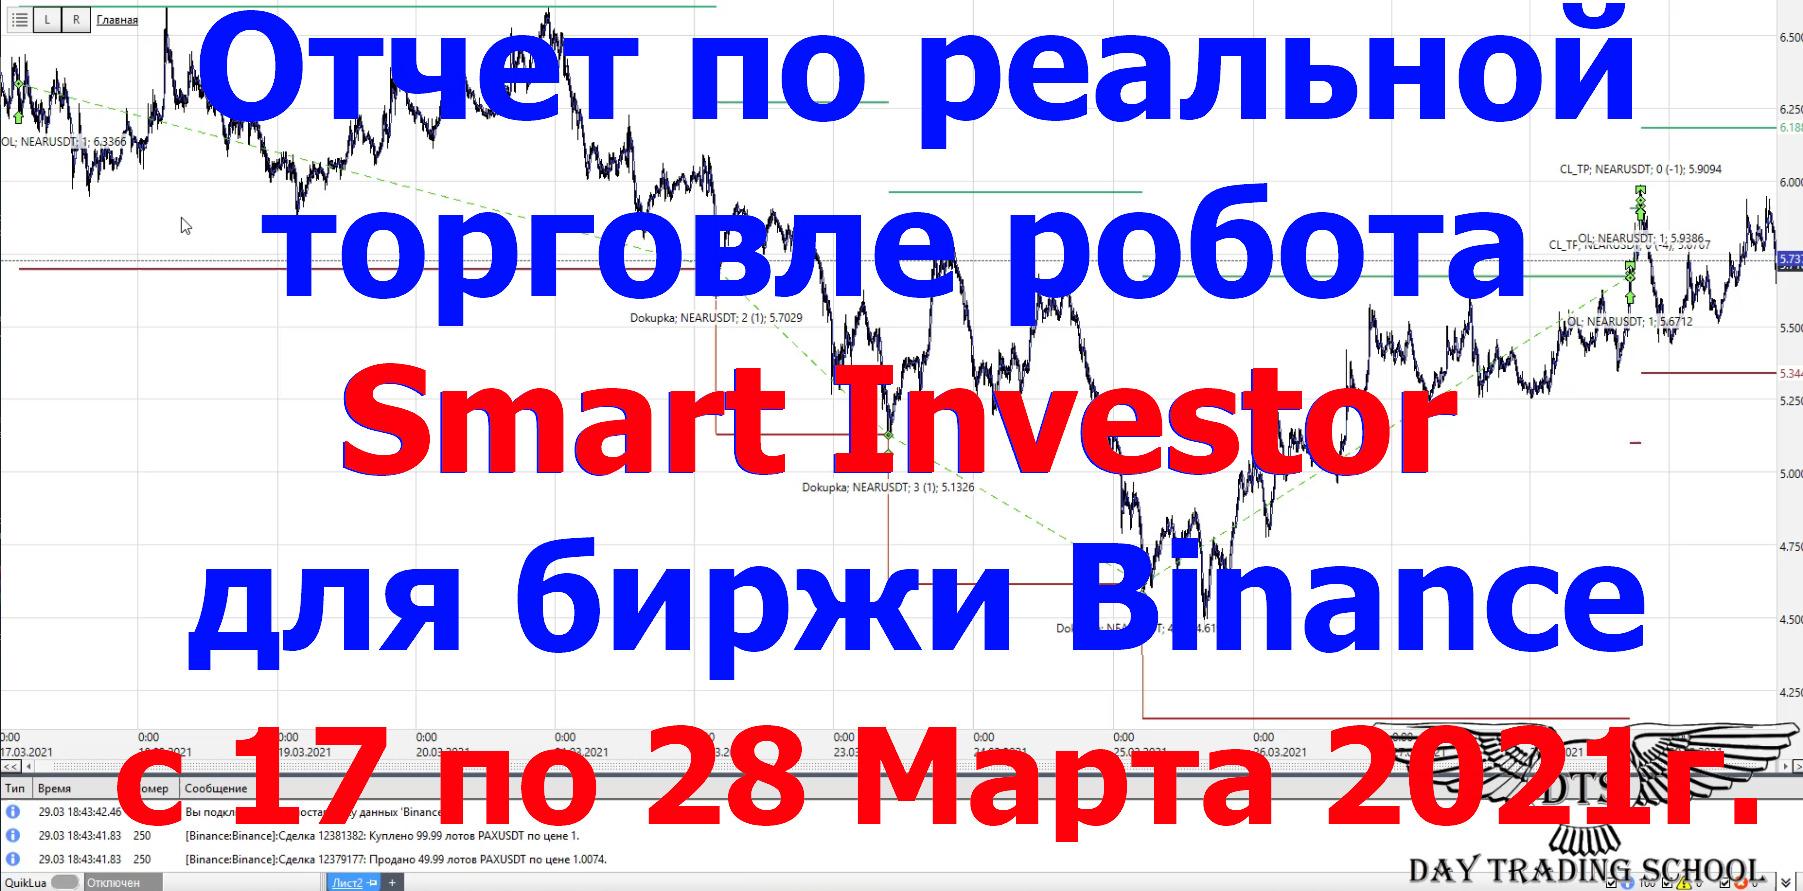 Отчет-по-роботу-Smart-Investor-с-17-по-28-Марта-2021г